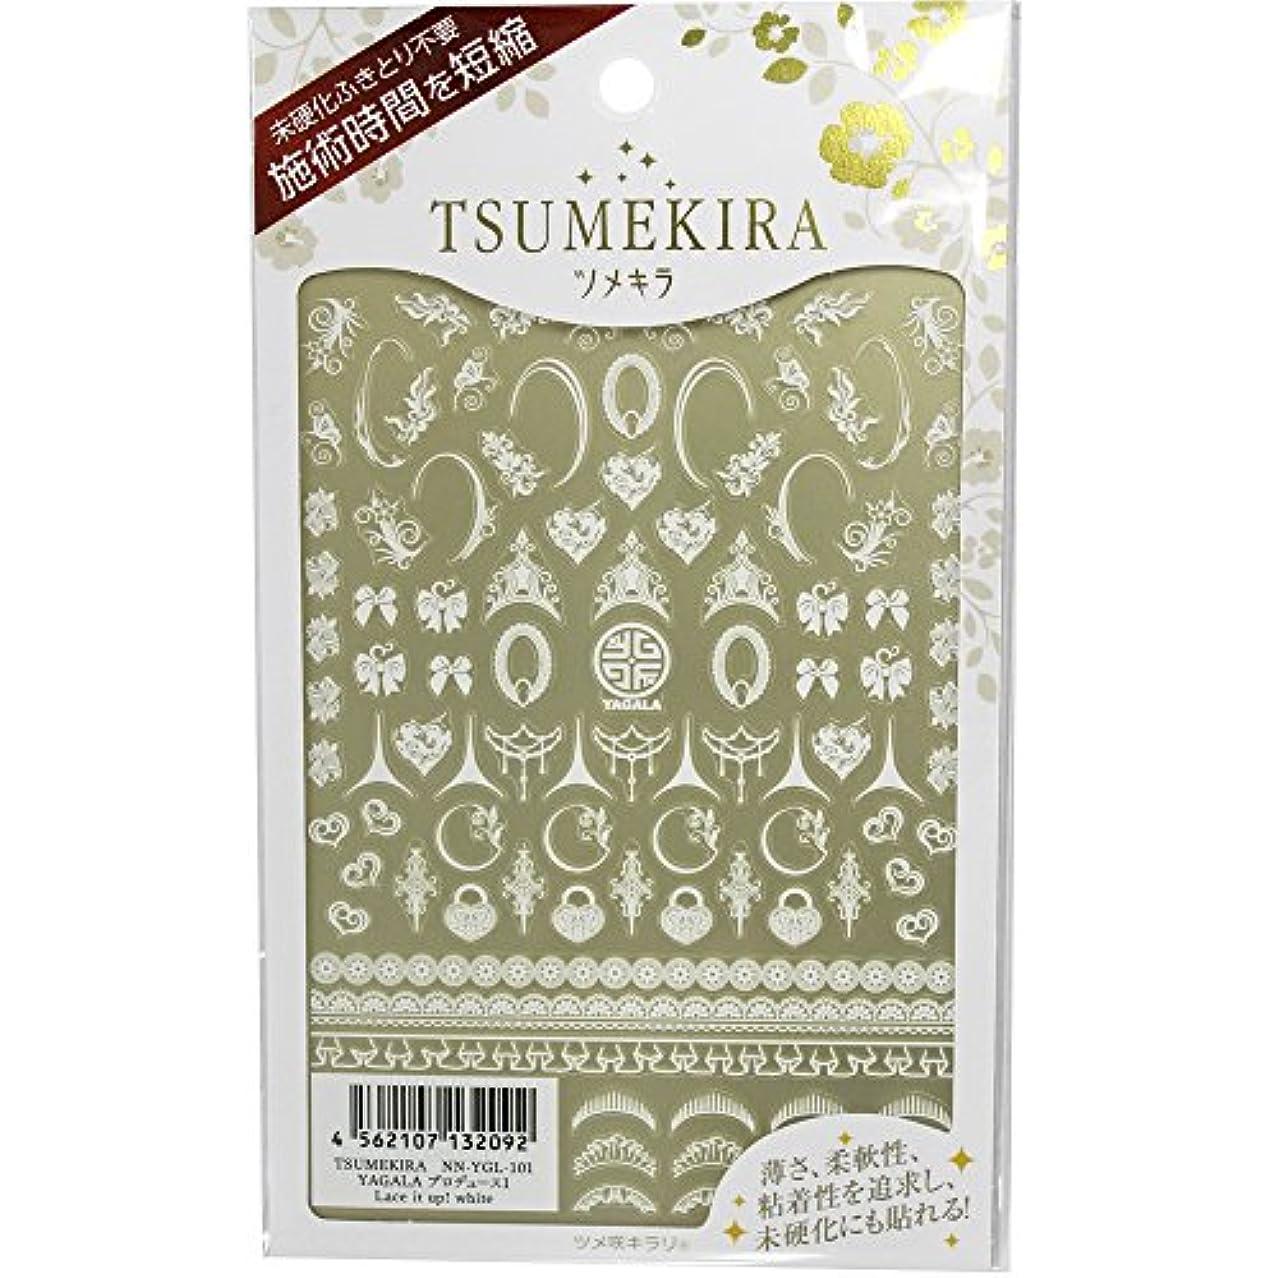 極端な背が高い帽子TSUMEKIRA(ツメキラ) ネイルシール YAGALAプロデュース1 Lace it up! white NN-YGL-101 1枚